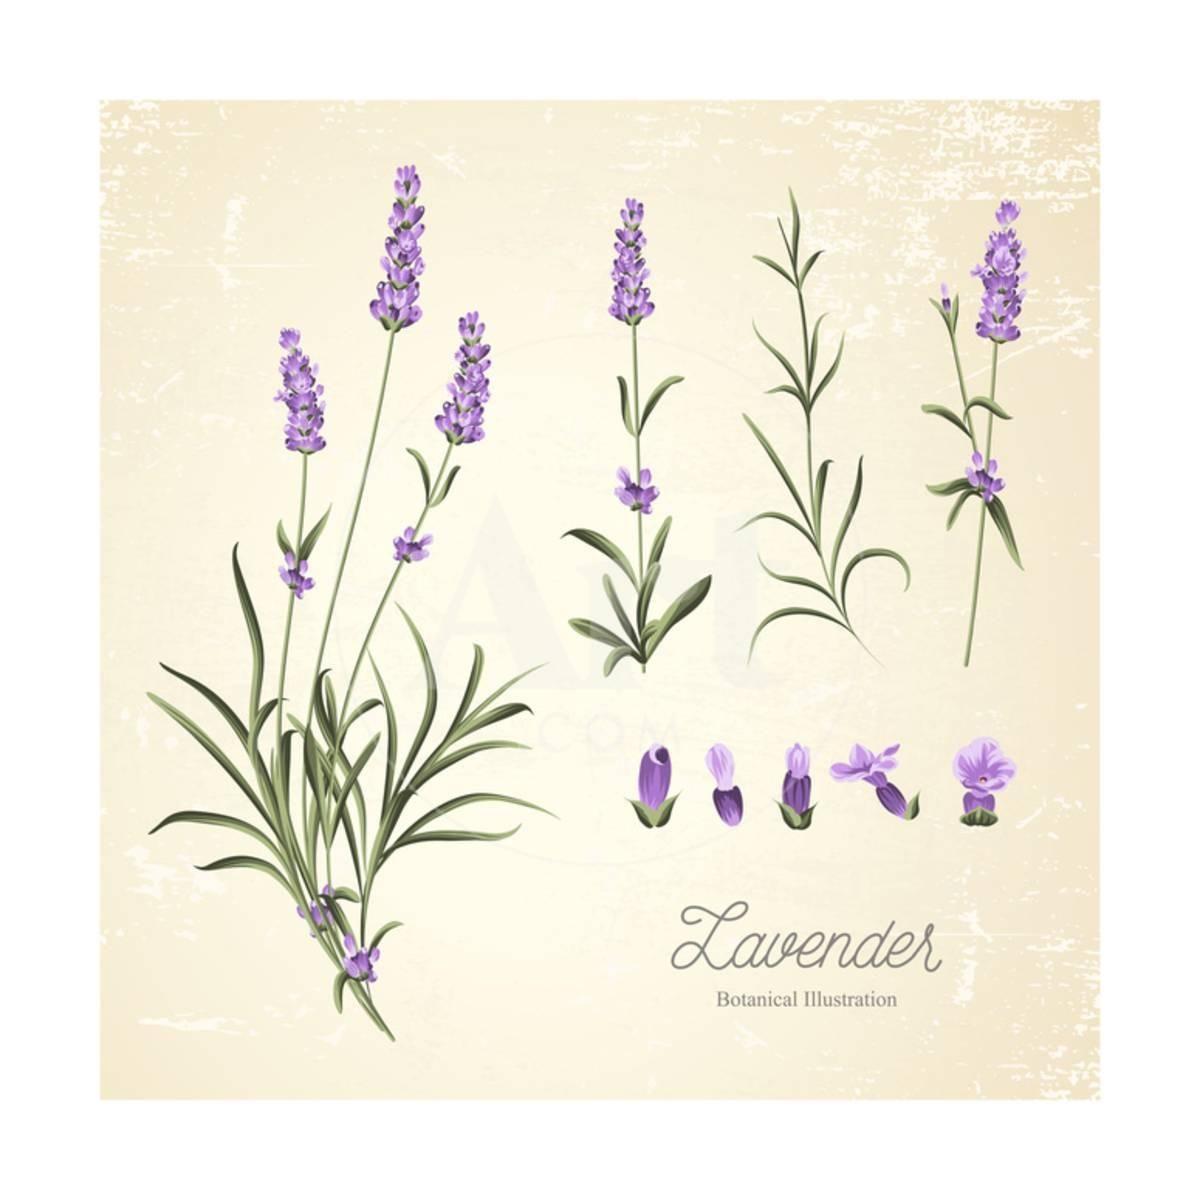 Vintage Set Of Lavender Flowers Elements Botanical Illustration Lavender Hand Drawn Watercolor Art Print Kotkoa Art Com Botanical Illustration Vintage Flower Drawing Botanical Illustration